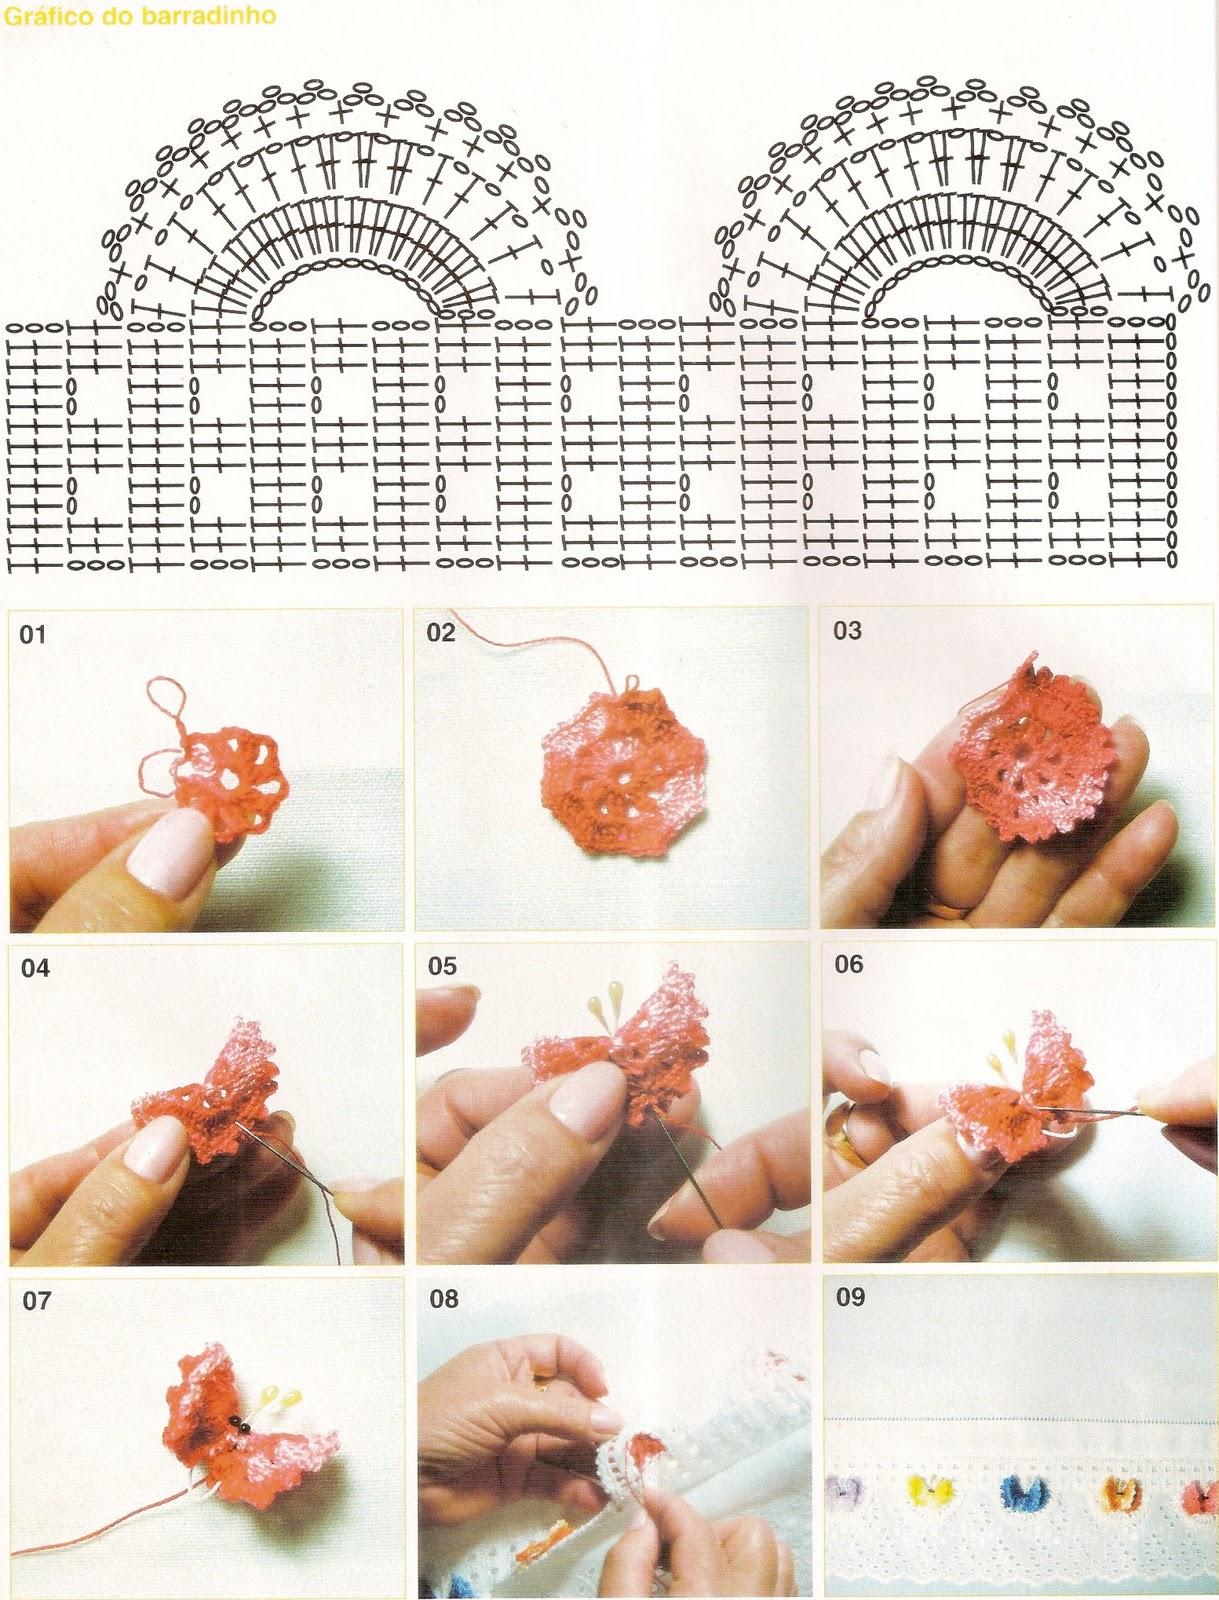 Blusa De Croche Com Grafico E Receita Best Home Design.html